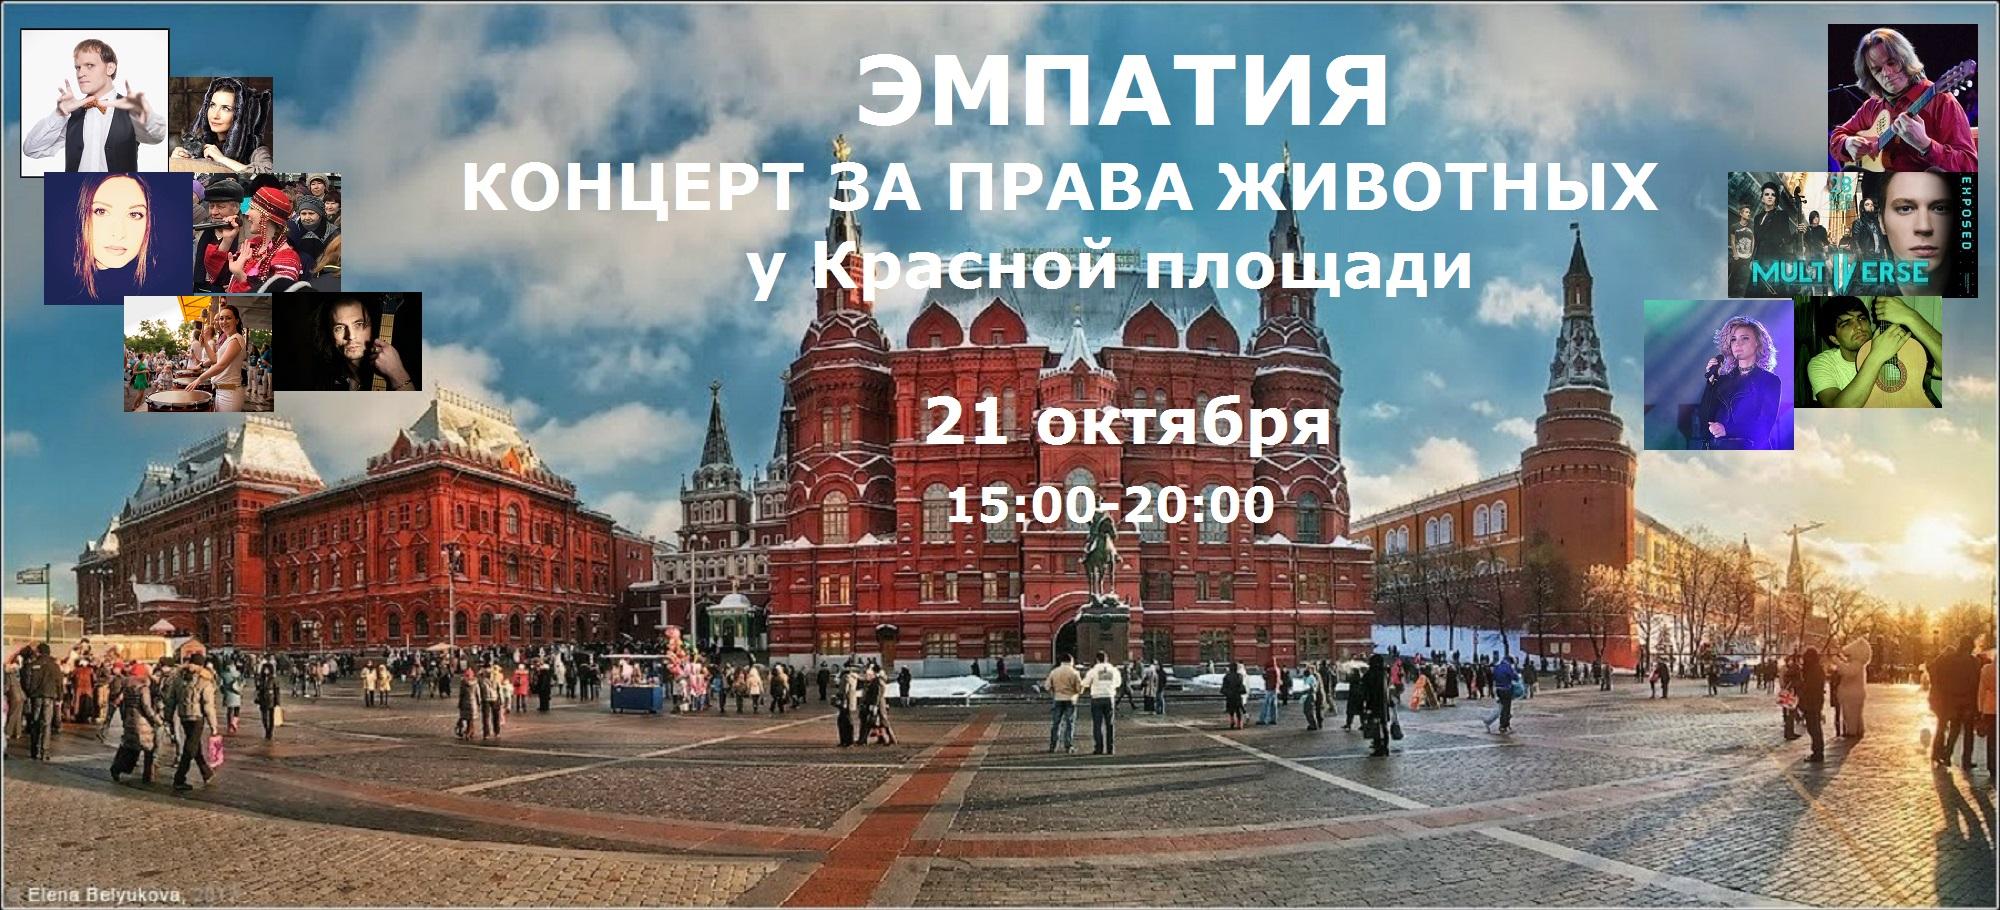 21 октября: Концерт за права животных у Красной площади